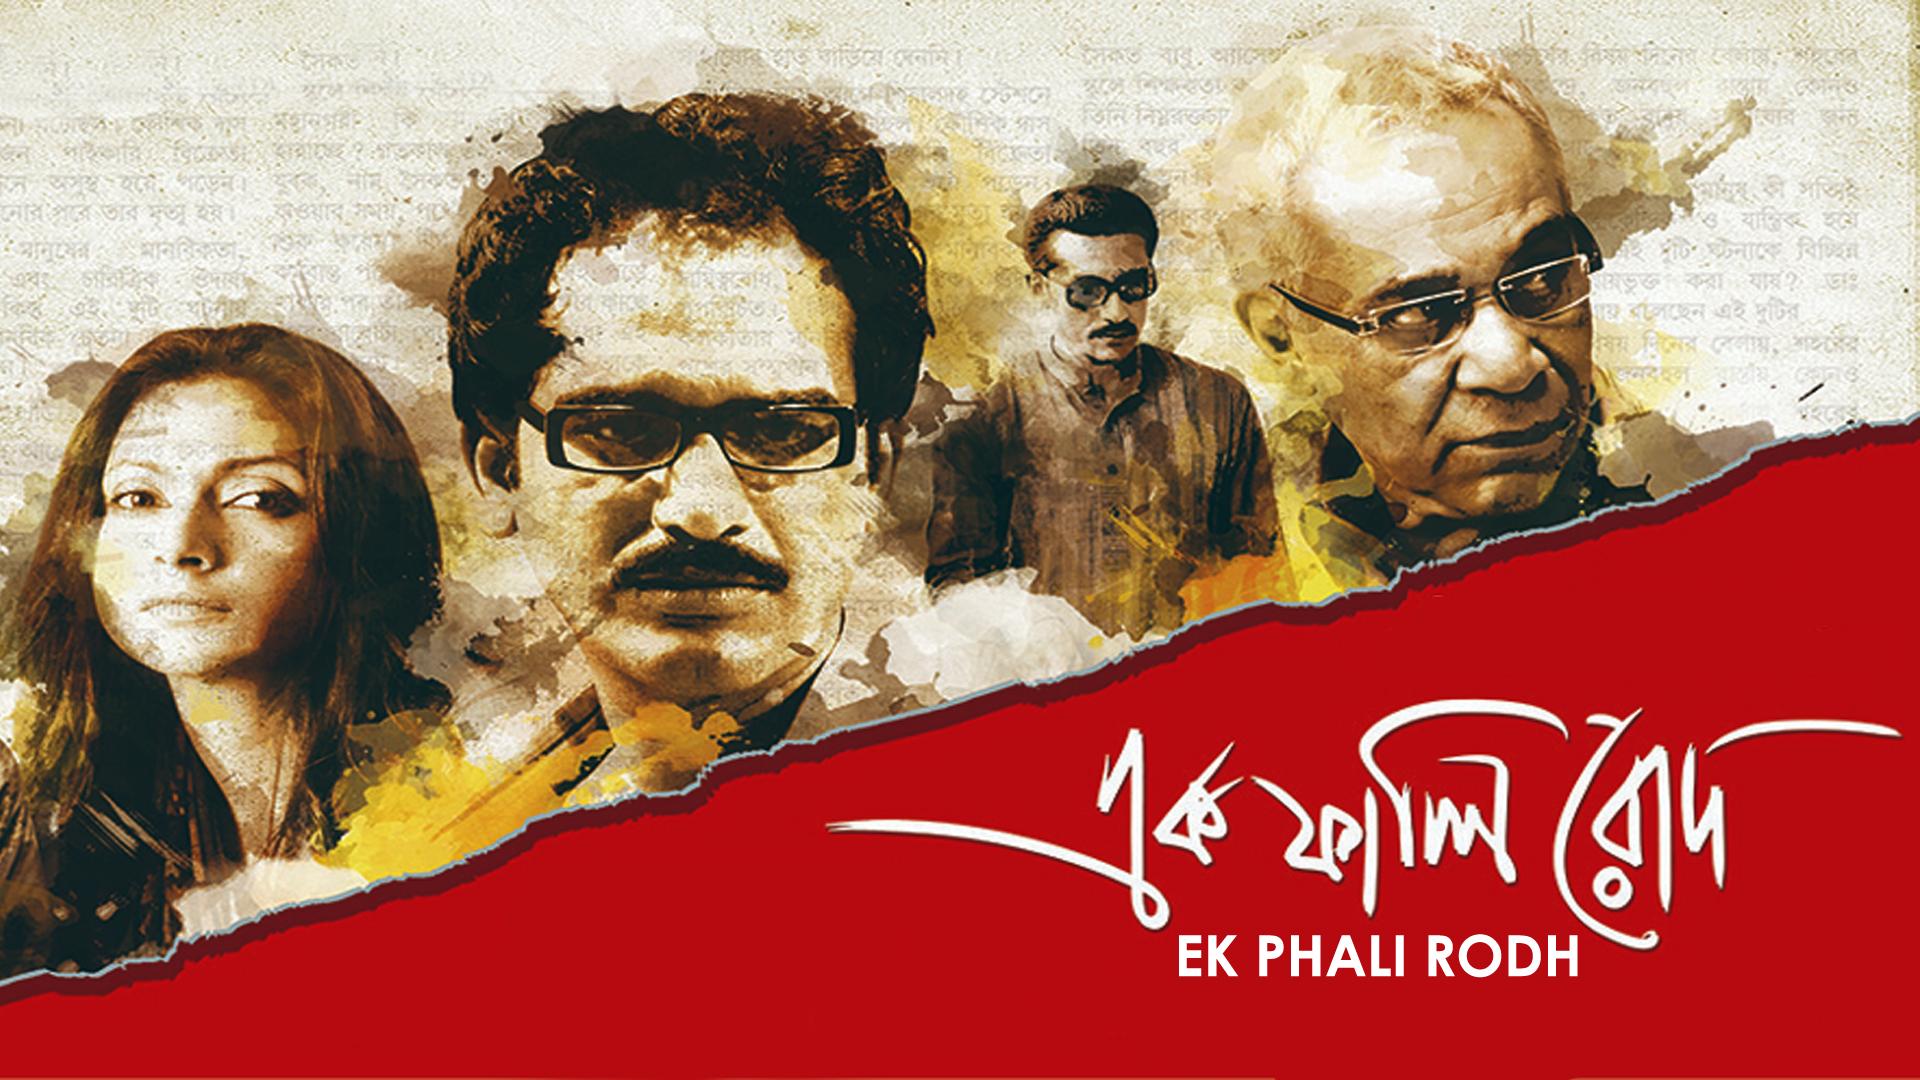 Ek Phali Rodh